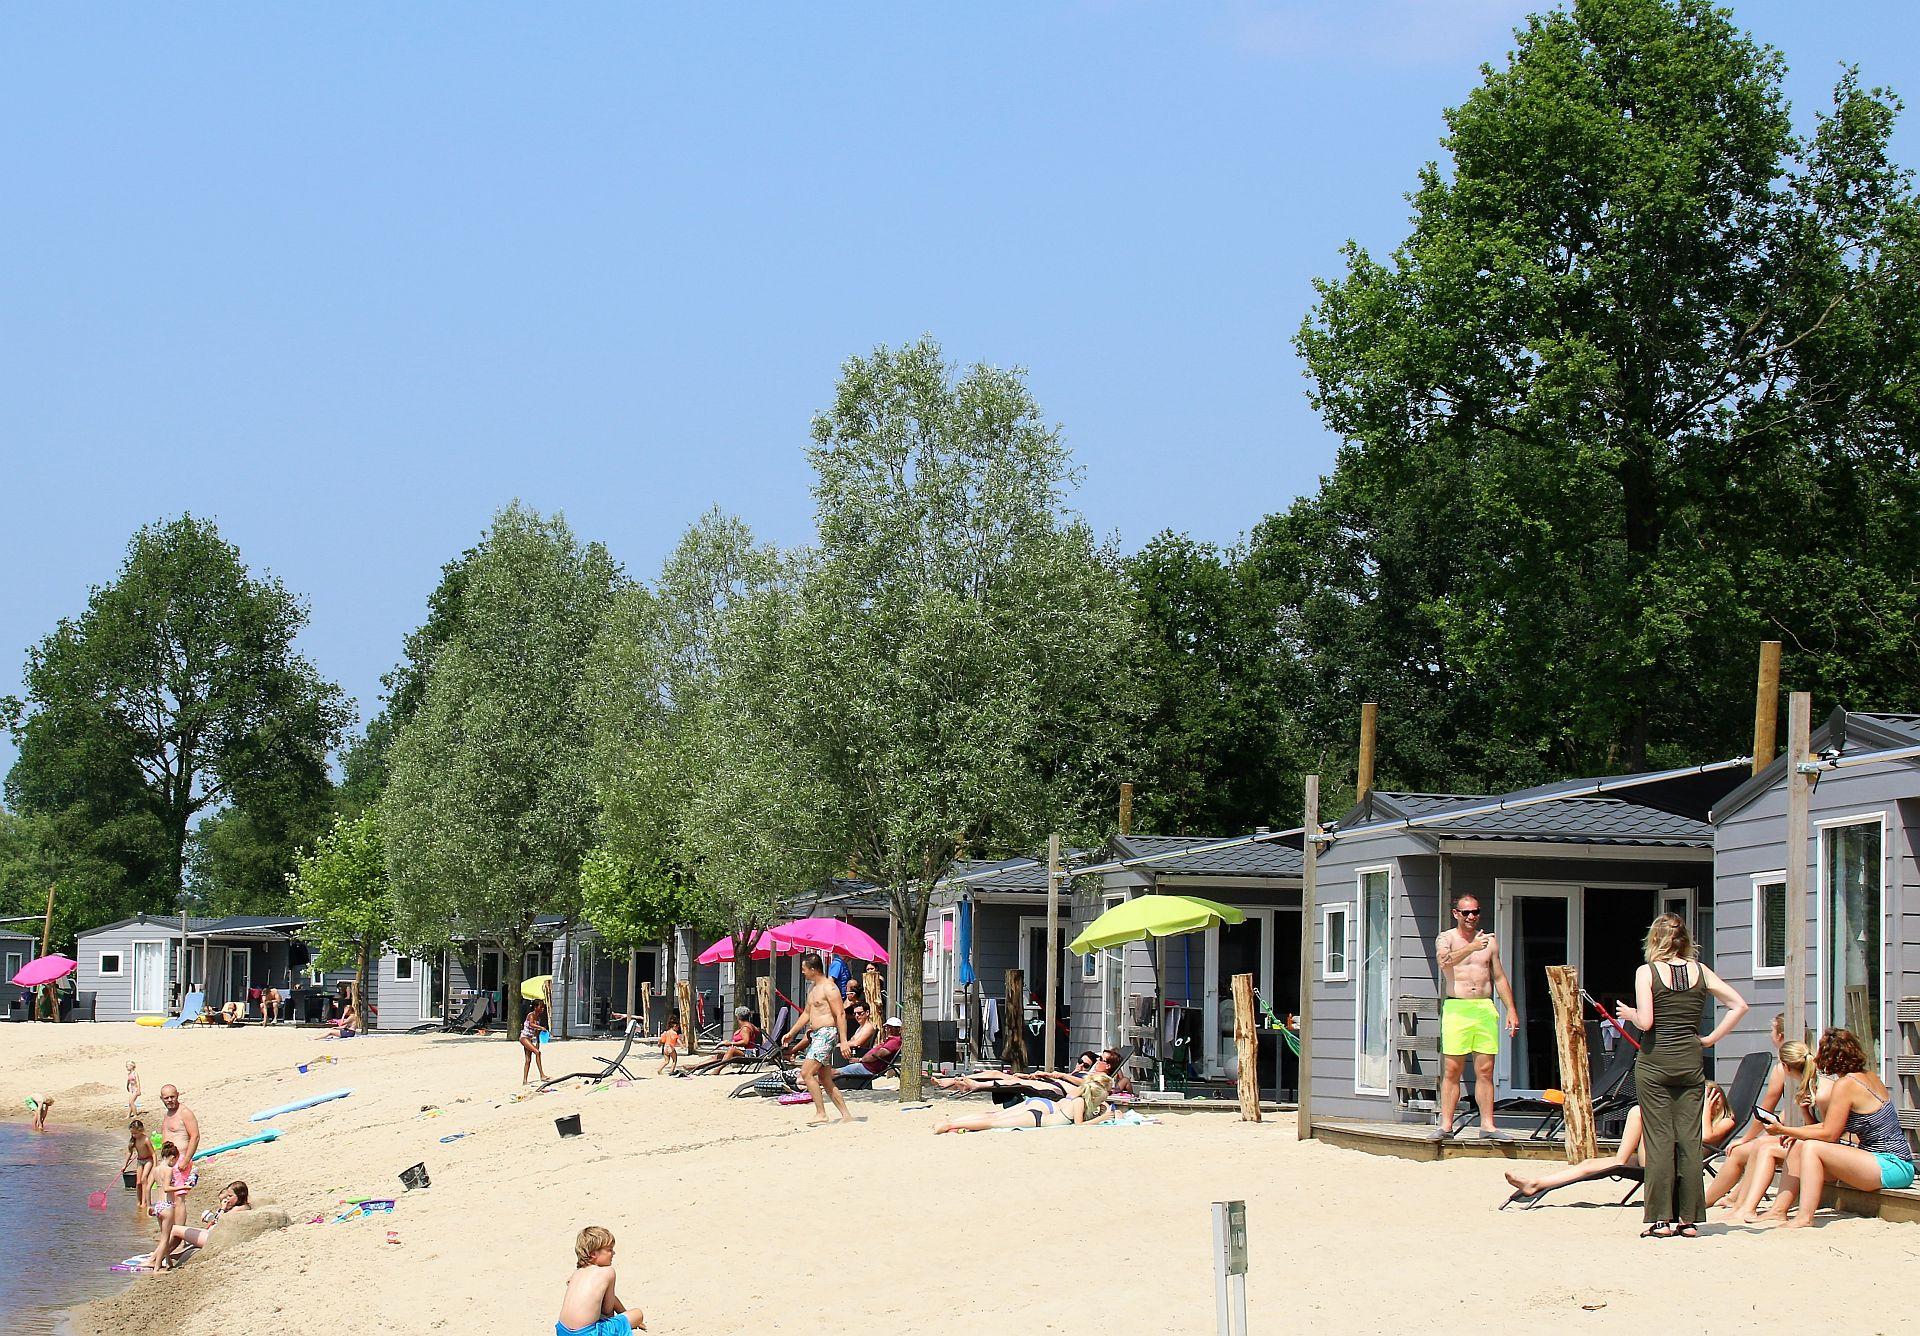 Zomervakantie in Hardenberg op ANWB 5 sterren camping - zomervakantie in Hardenberg